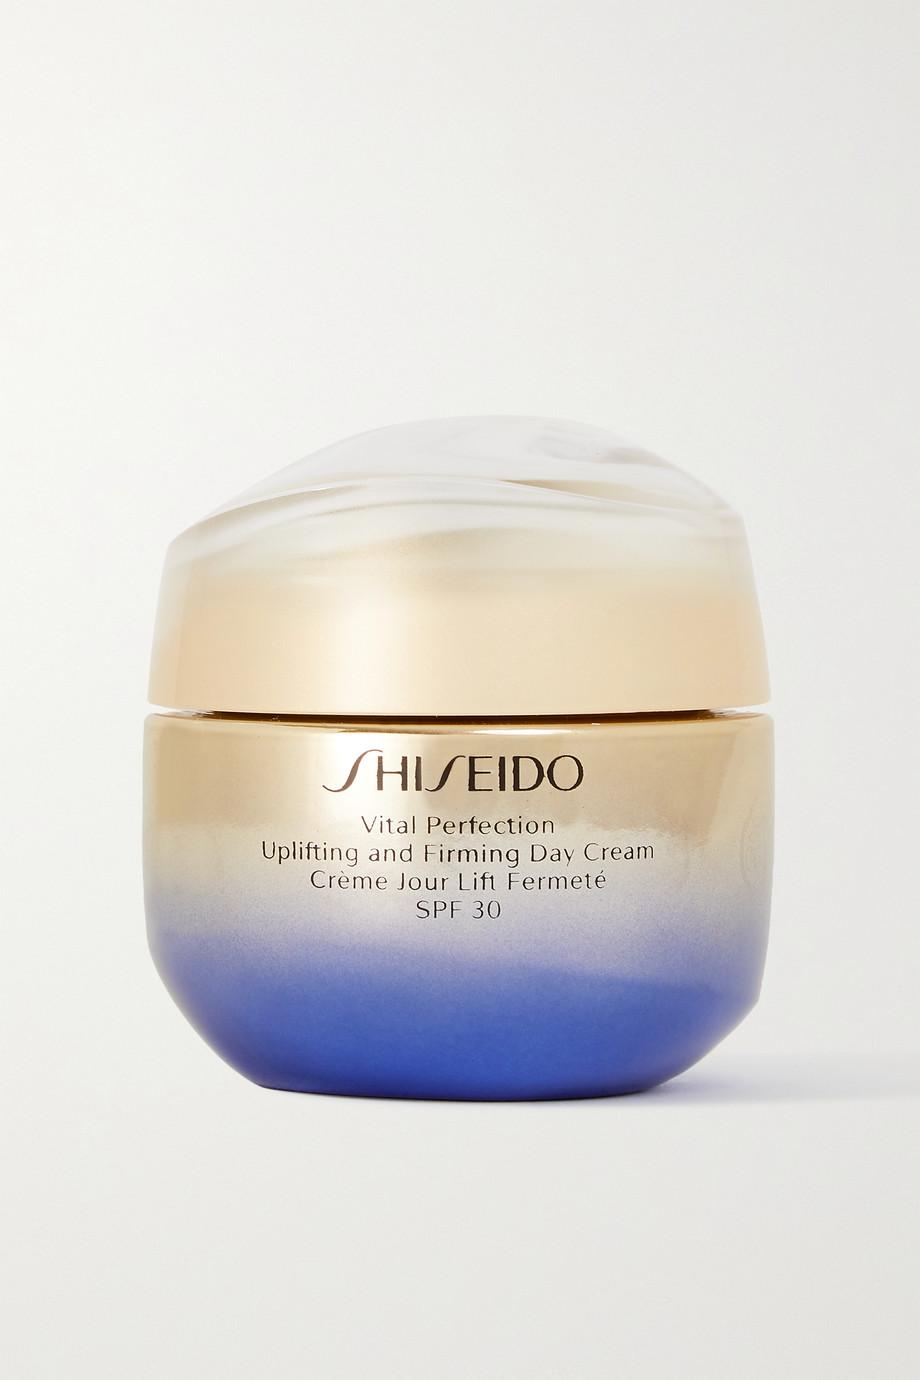 Shiseido Crème de jour Lift Fermeté SPF 30 Vital Perfection, 50 ml